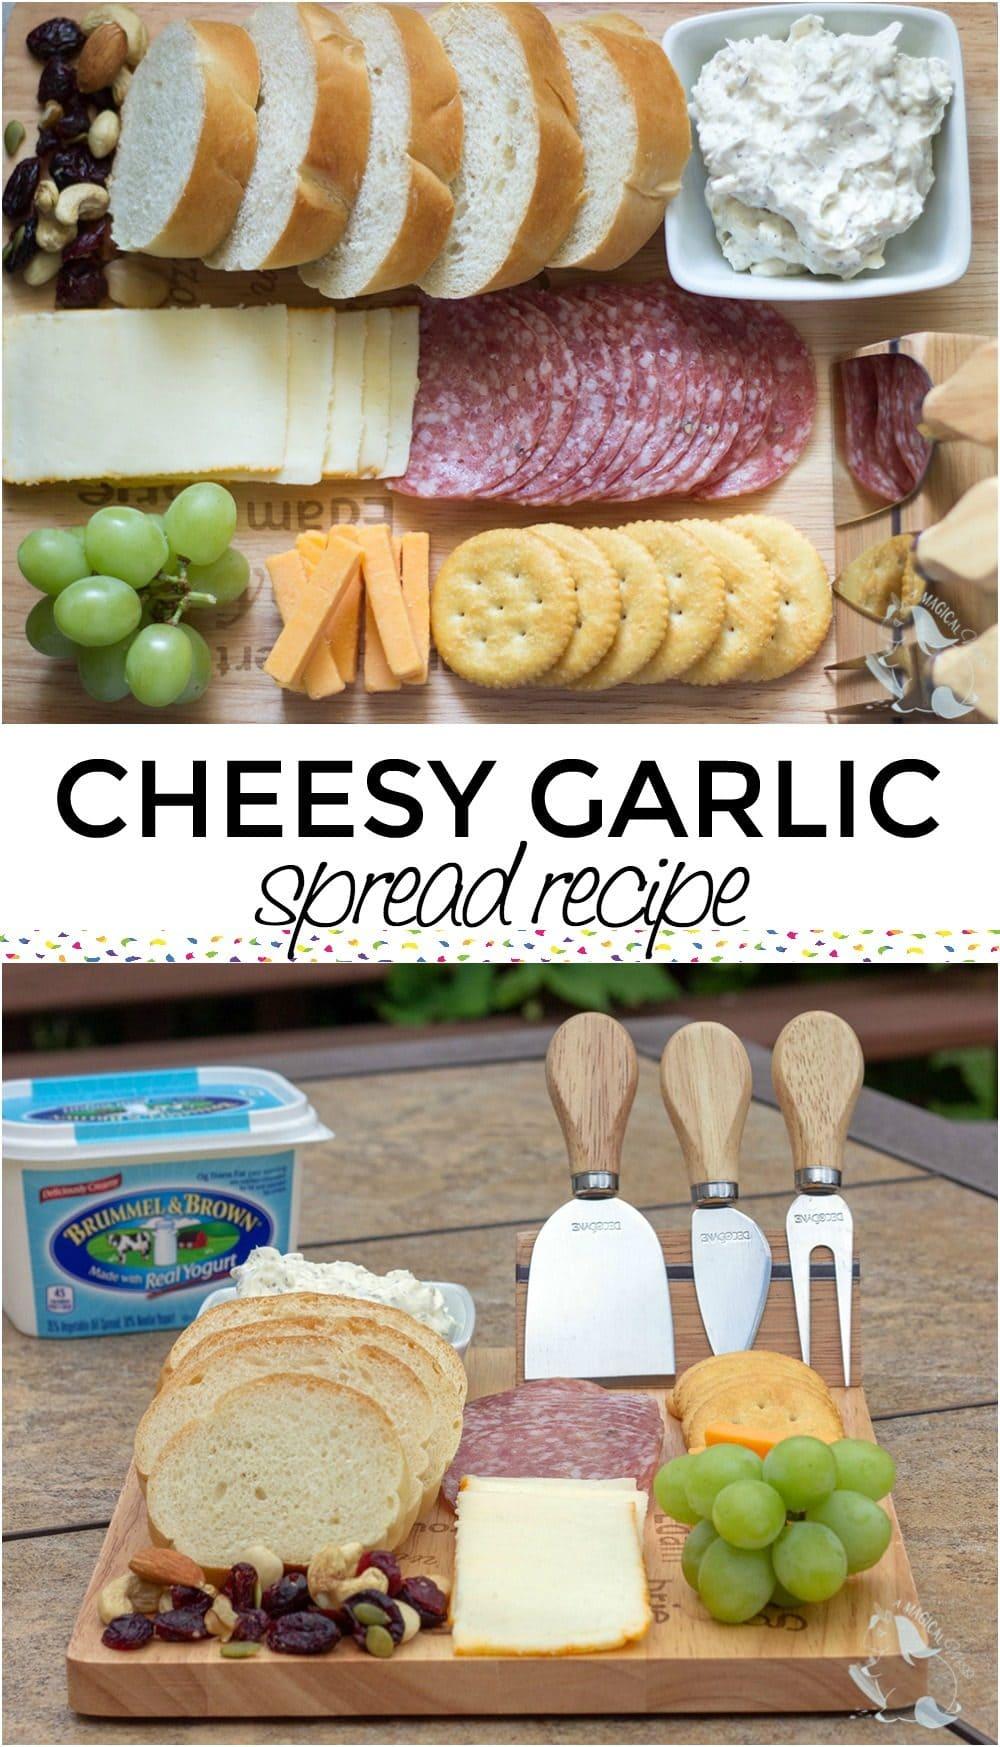 Cheesy garlic butter spread recipe